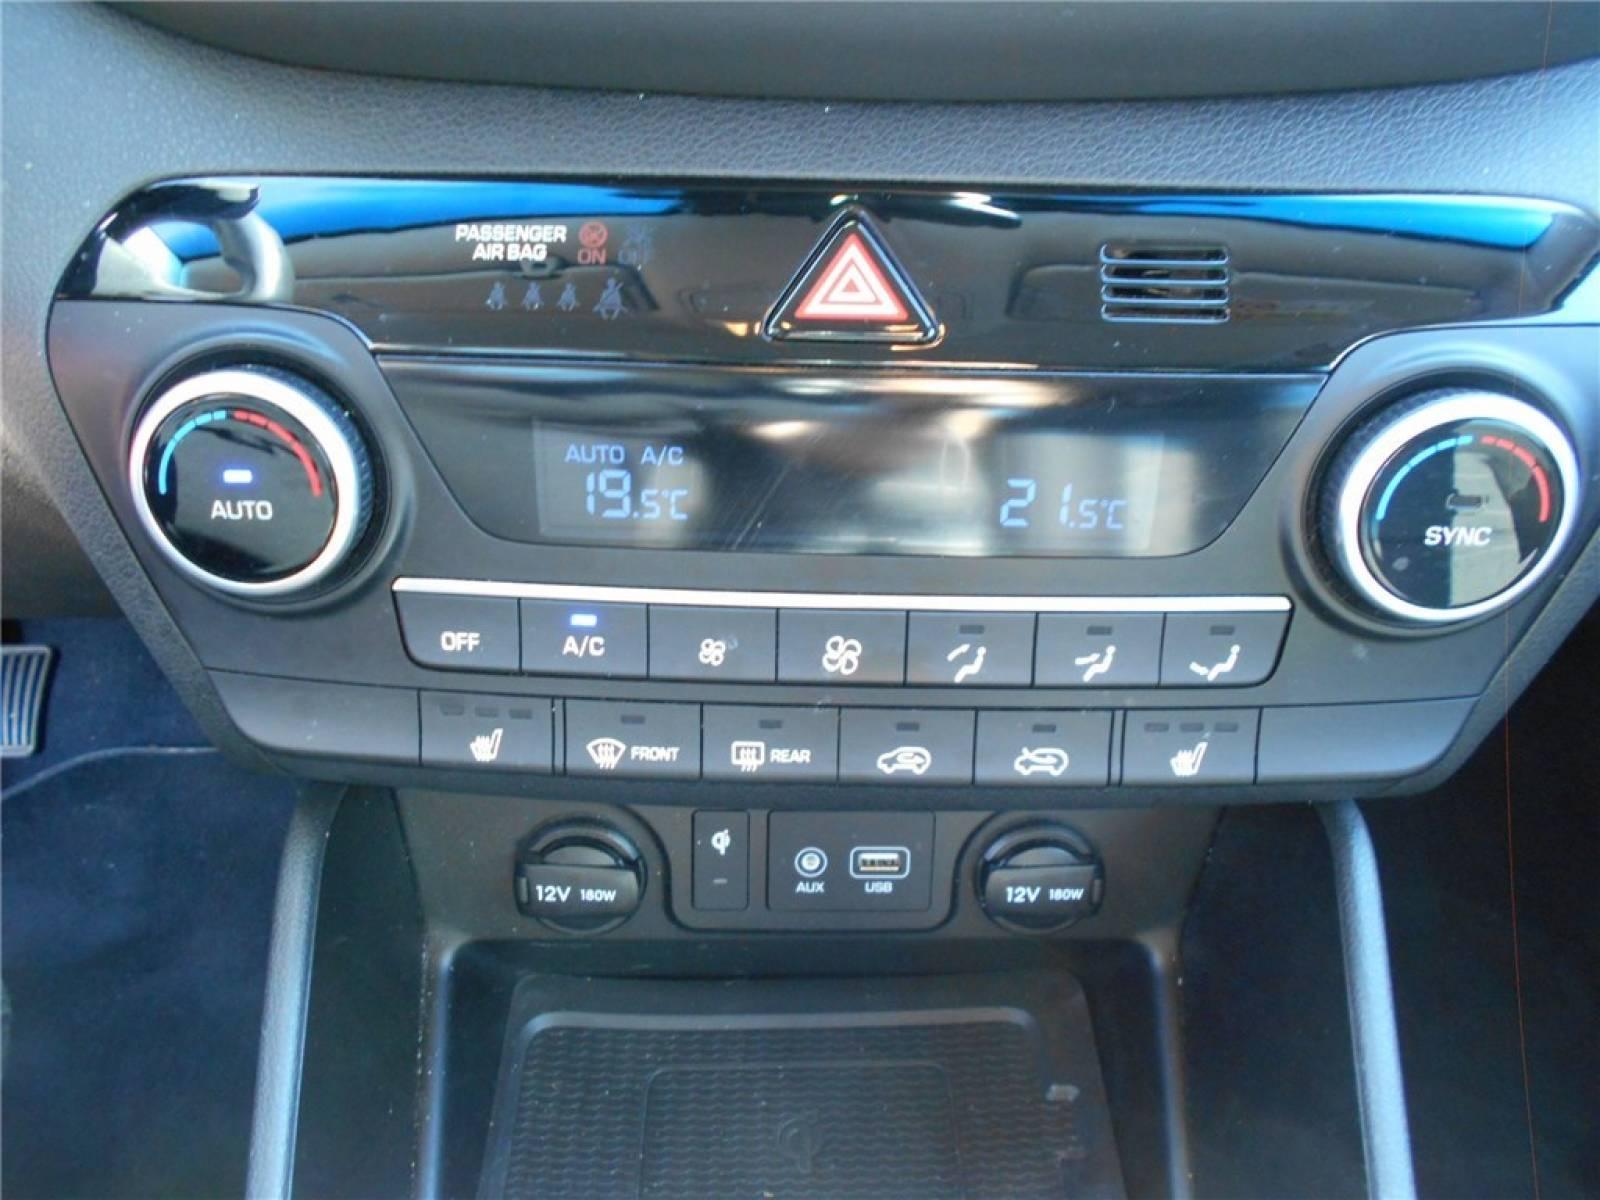 HYUNDAI Tucson 1.6 CRDi 136 - véhicule d'occasion - Groupe Guillet - Chalon Automobiles - 71100 - Chalon-sur-Saône - 28